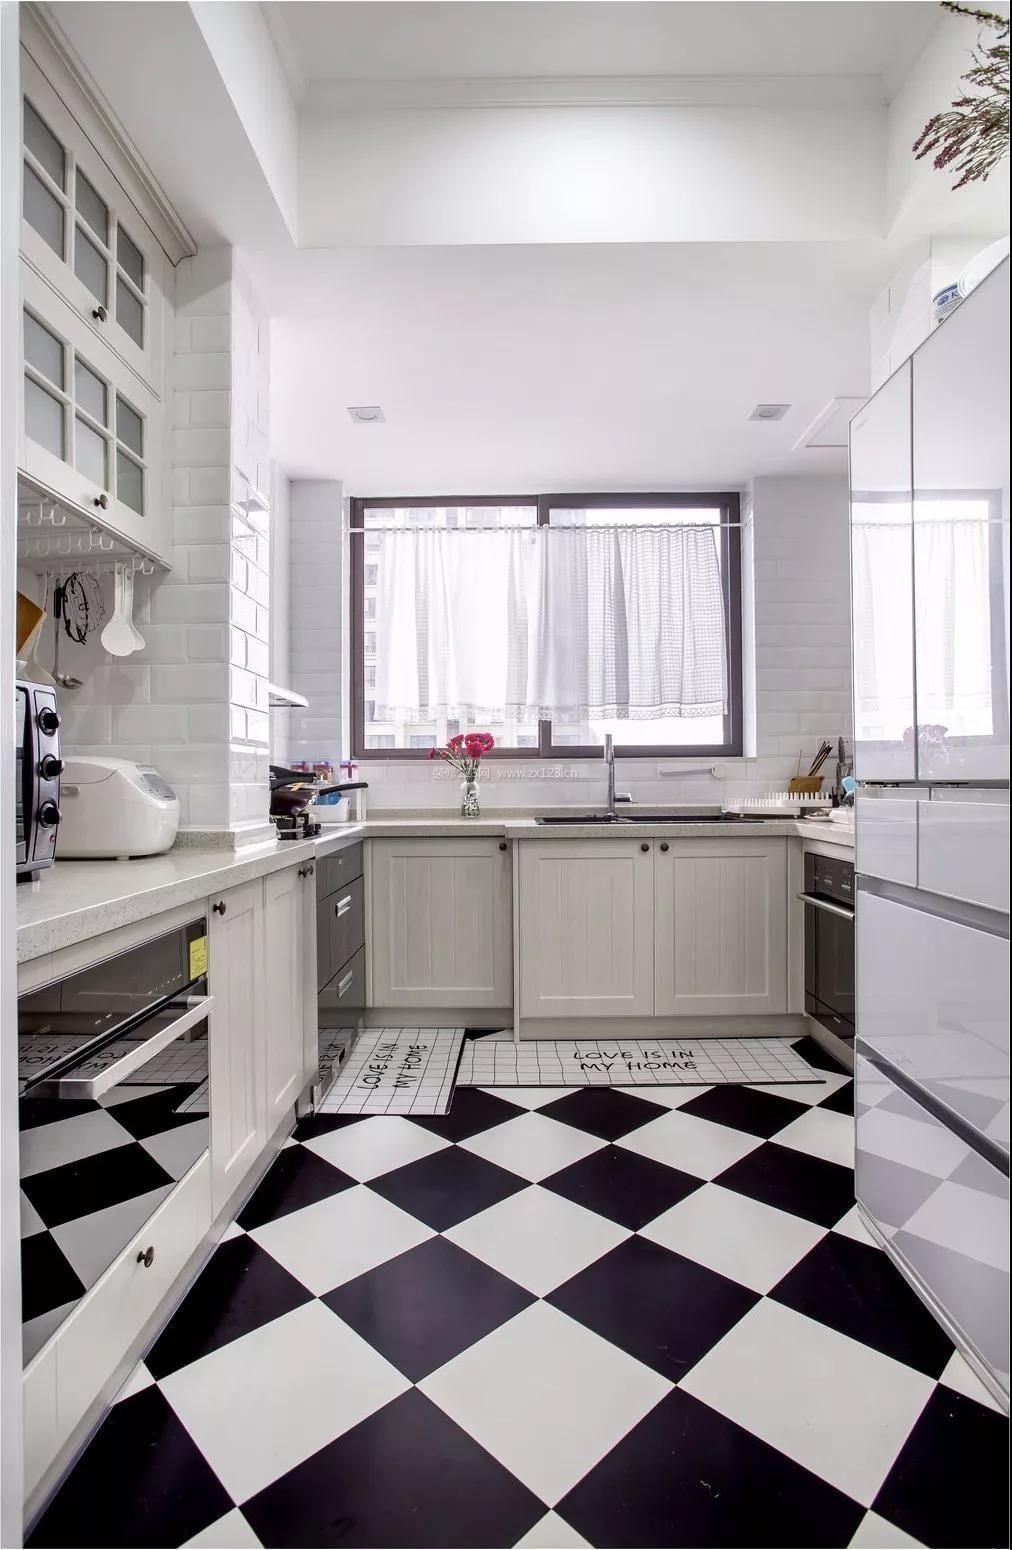 现代北欧风格厨房黑白相间地砖装修效果图片图片